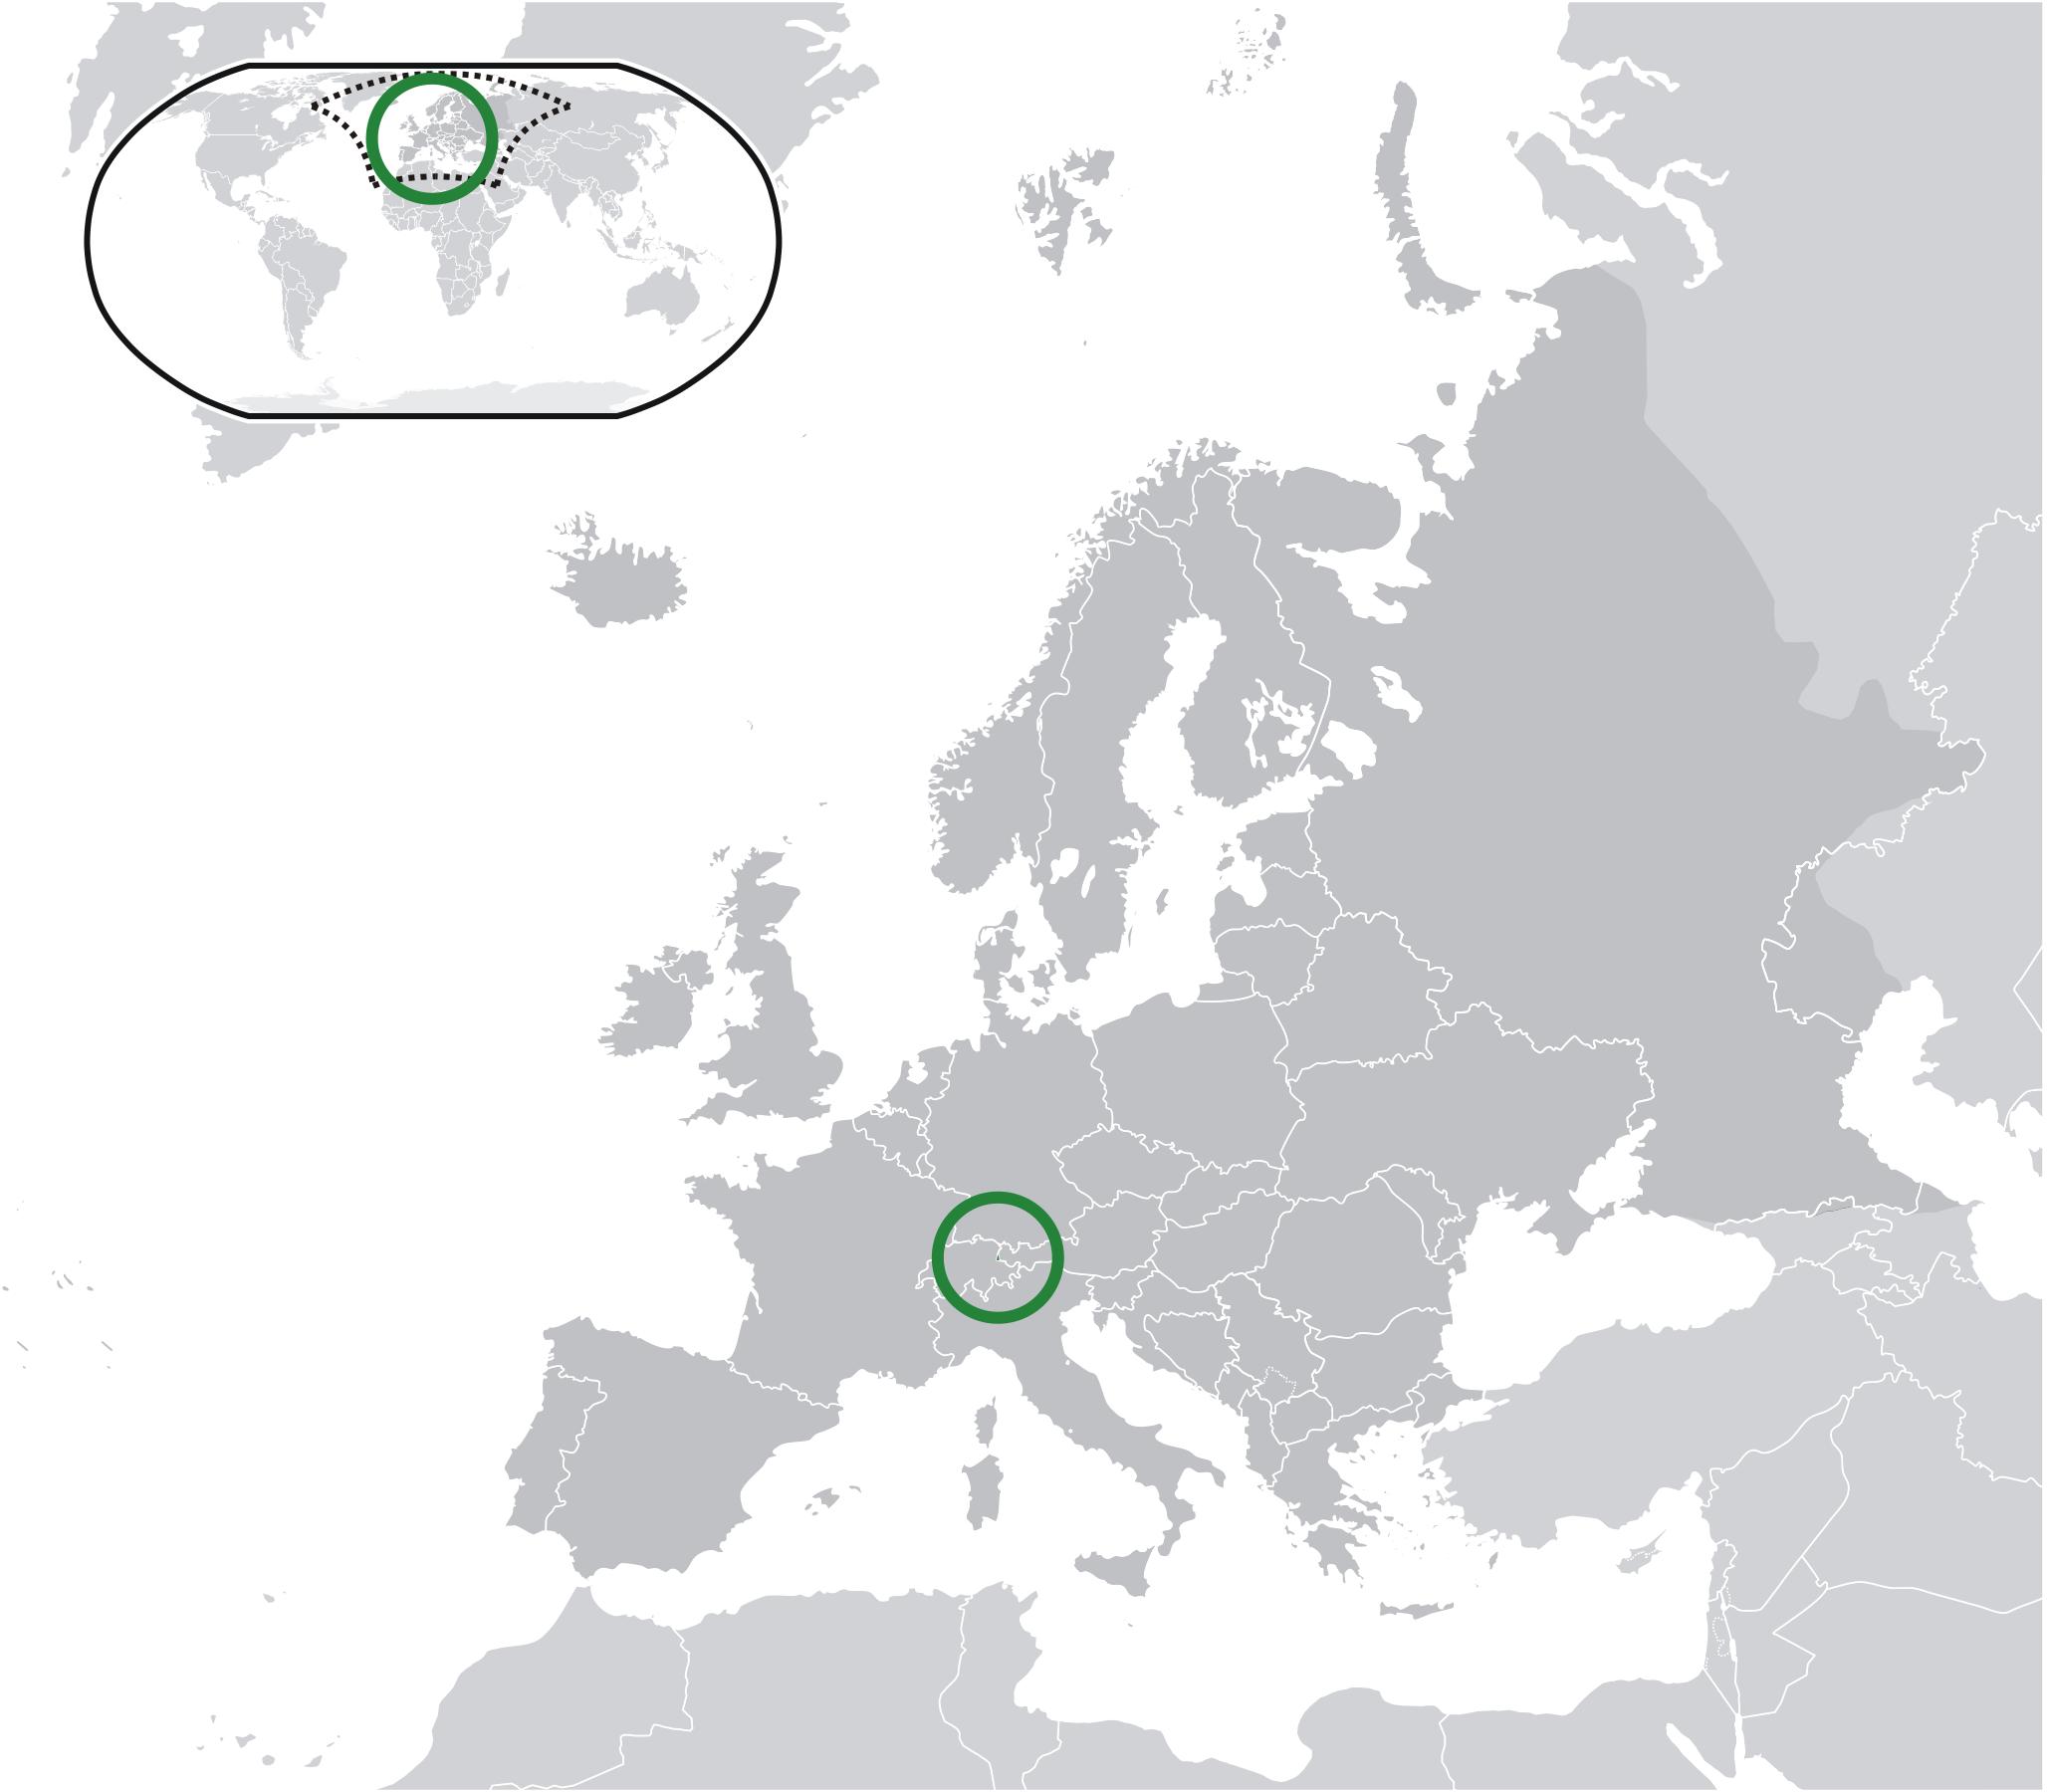 Location of the Liechtenstein in the World Map